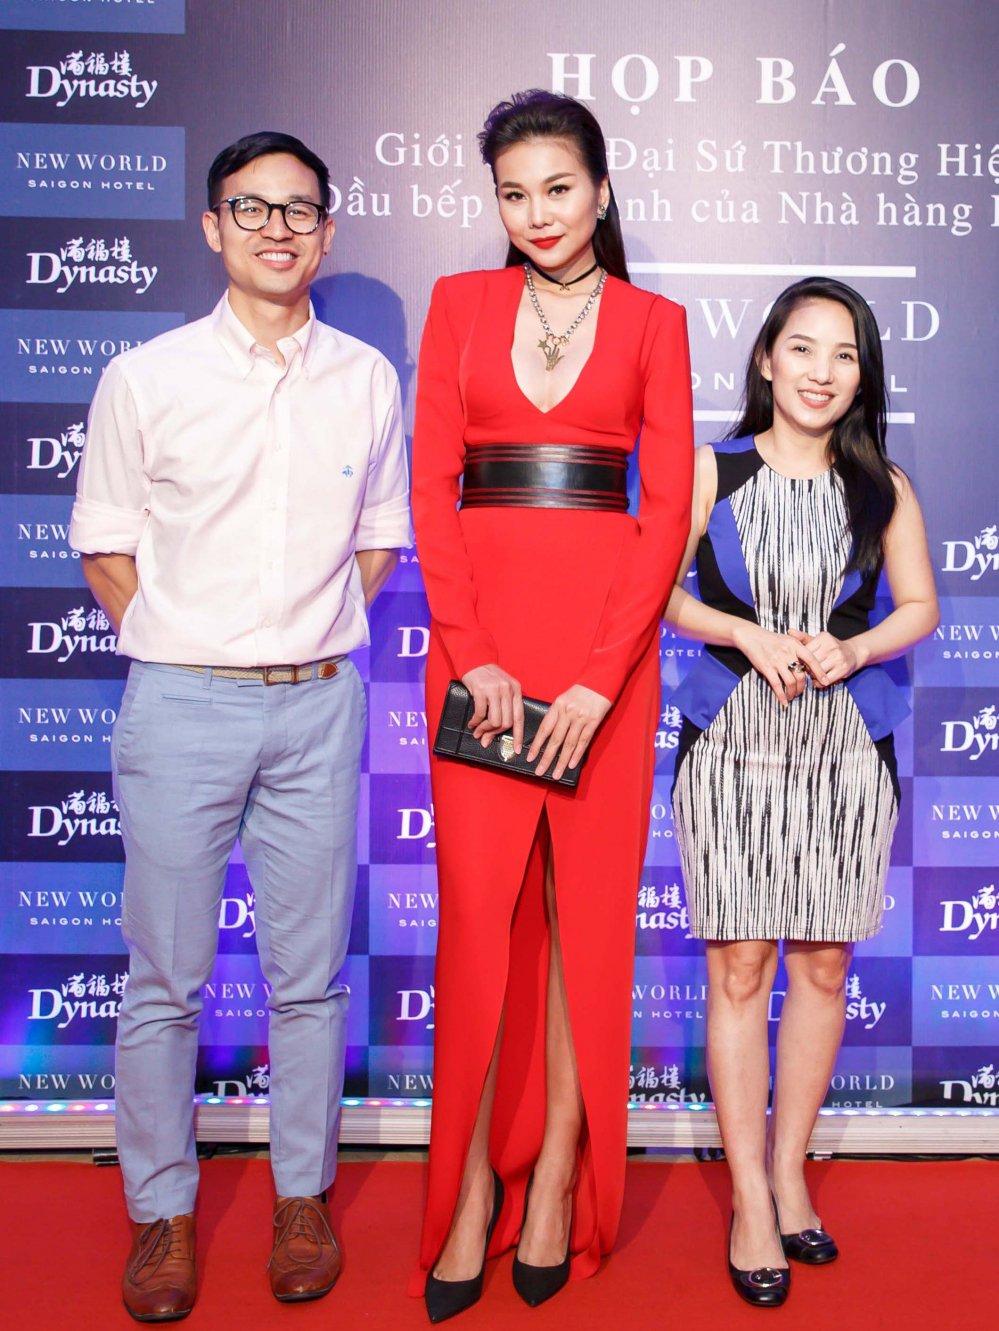 Vua roi nha chung Top Model, Lai Thanh Huong tre nai do ve sexy voi Thanh Hang hinh anh 10